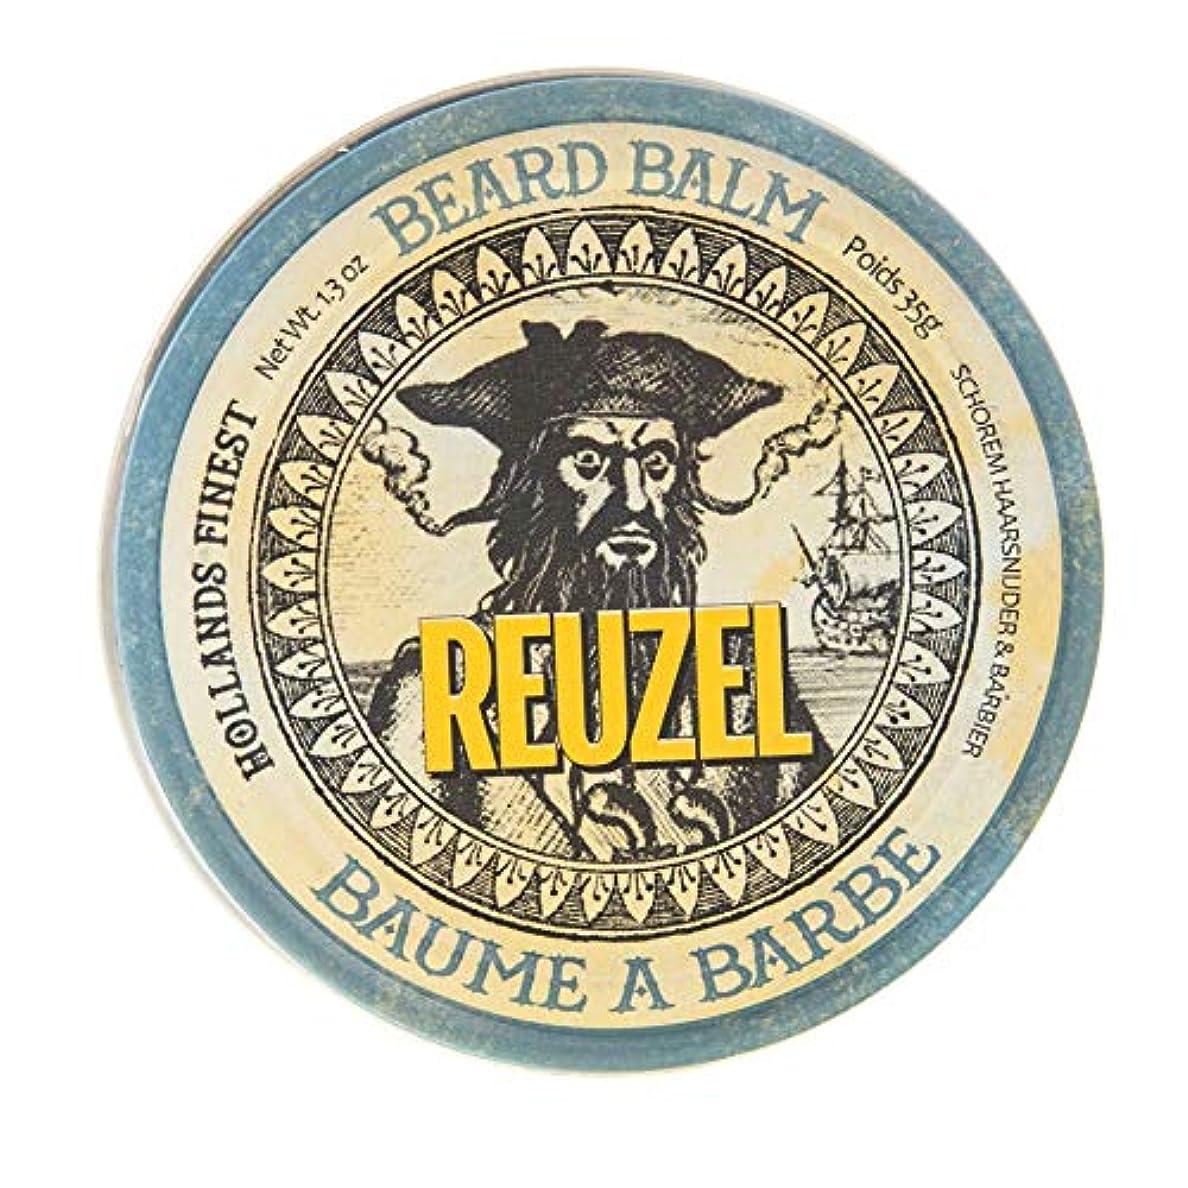 経験思慮深いレパートリールーゾー ビアード バーム Reuzel Beard Balm 35 g [並行輸入品]